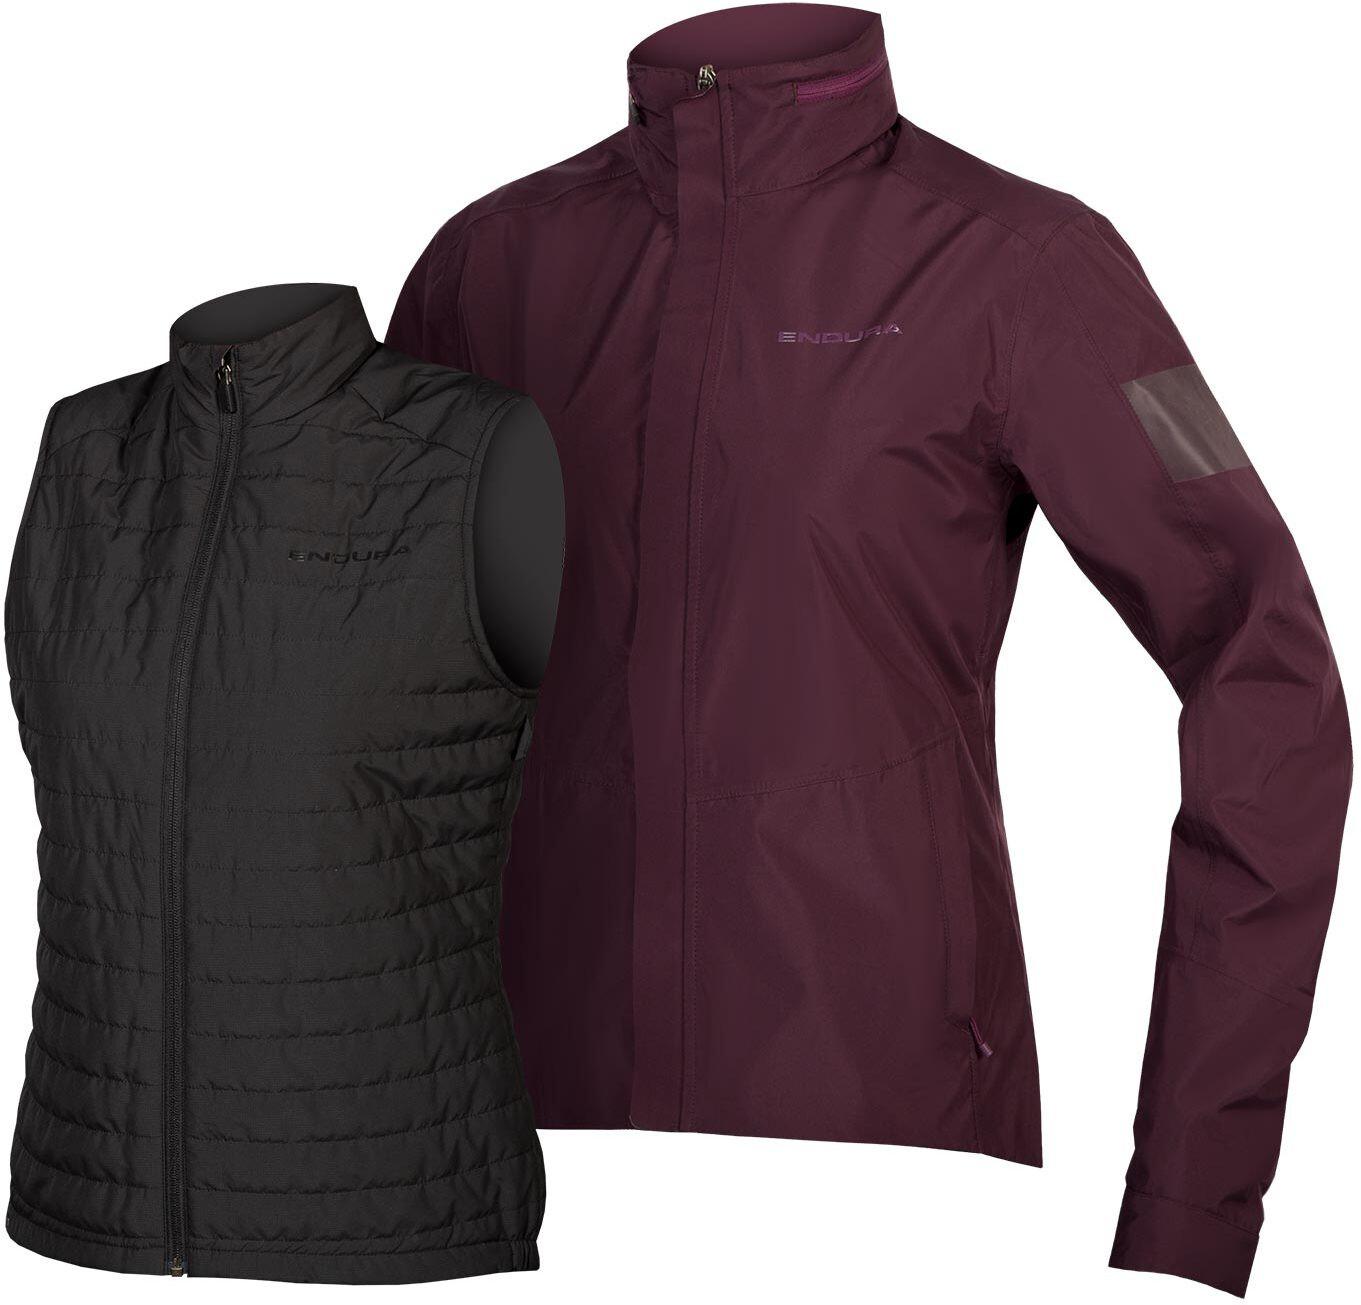 Endura Urban 3 in 1 Waterproof Jacket   bike jacket